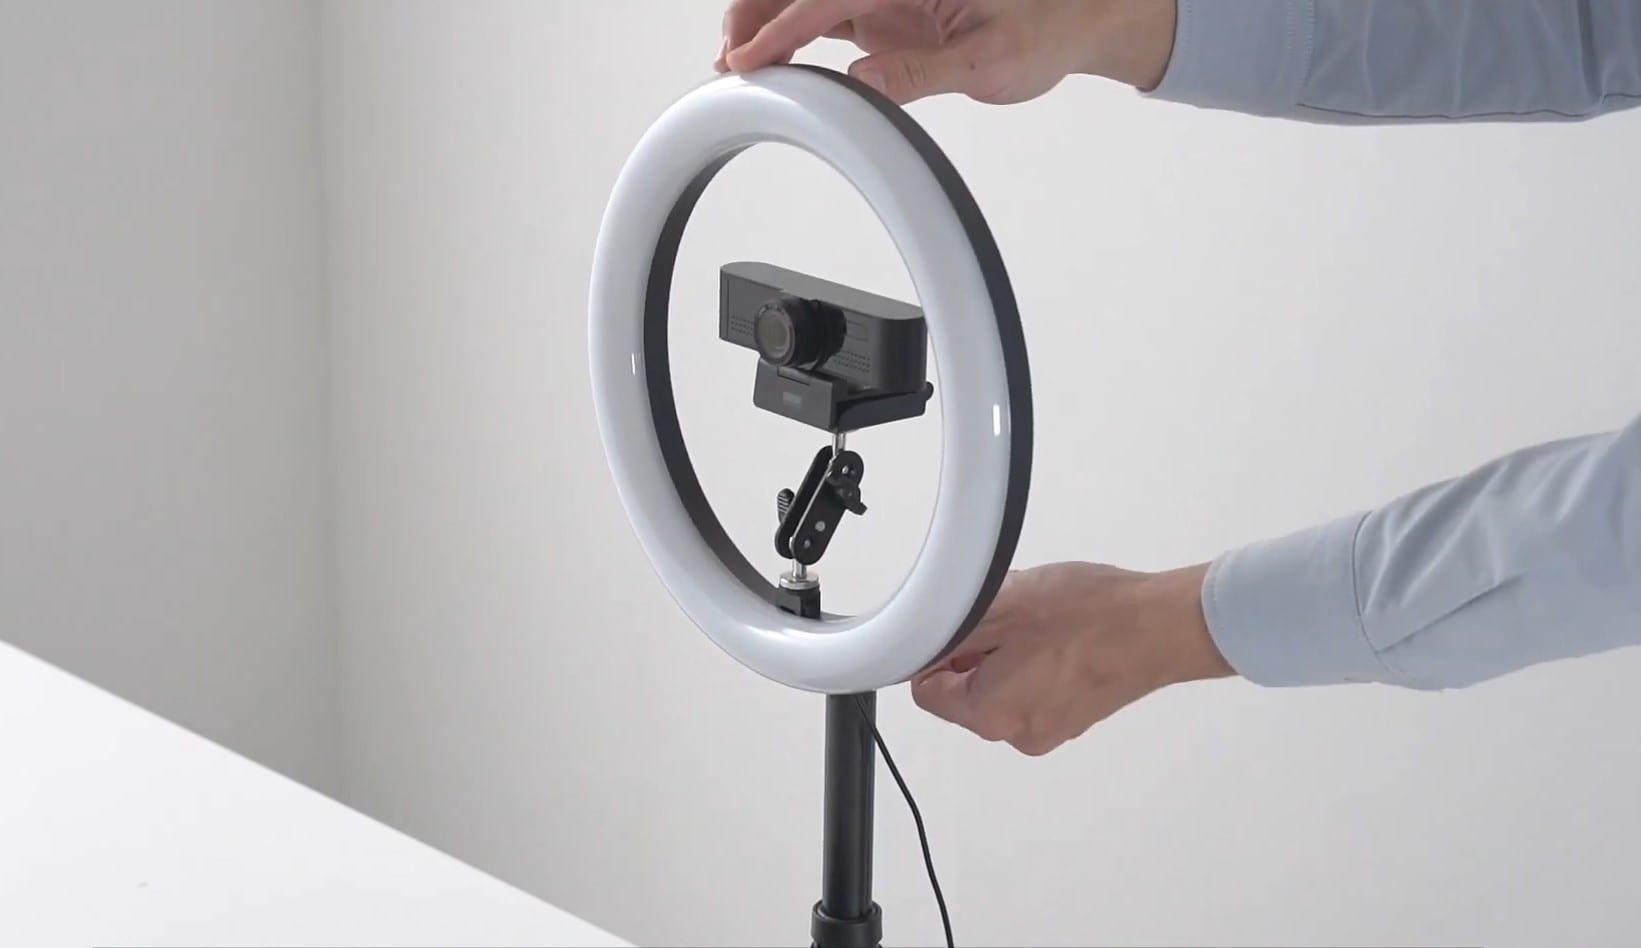 Ένα έξυπνο φως για βιντεοκλήσεις